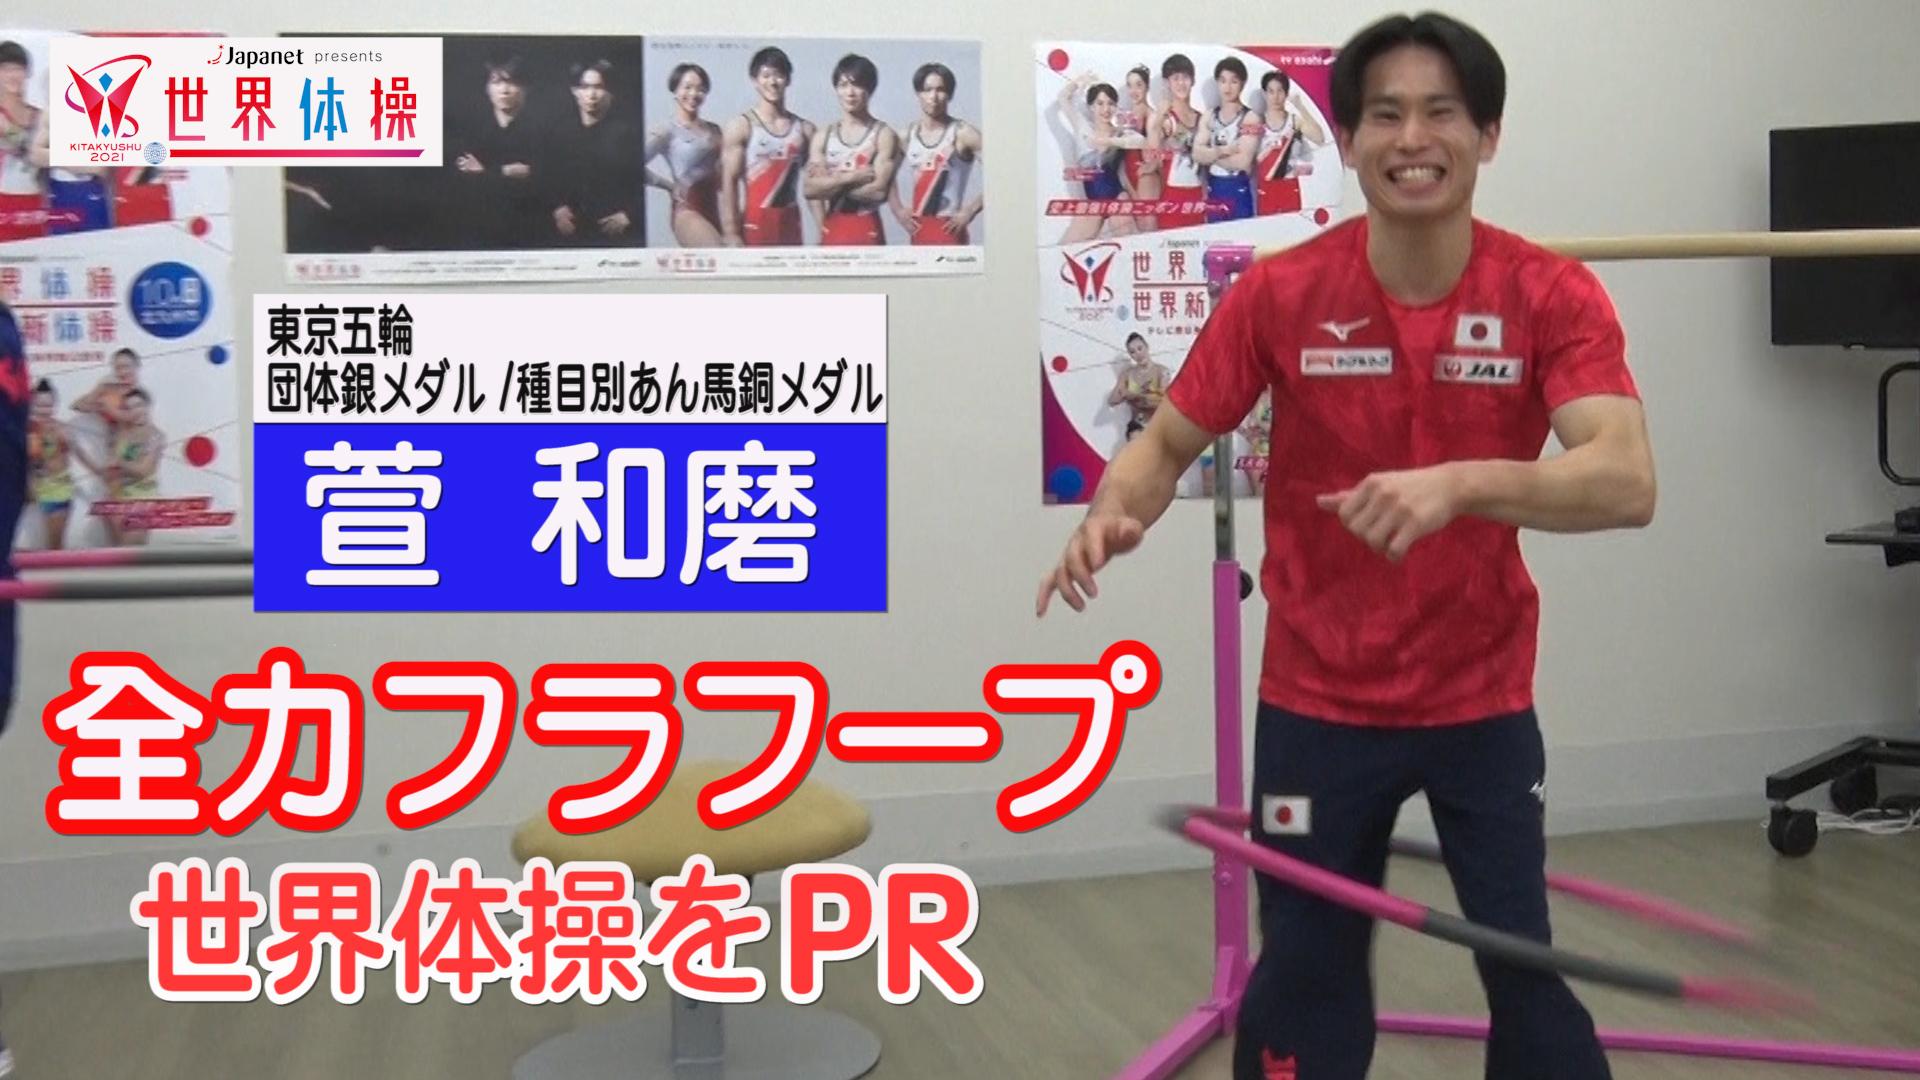 萱和磨 フラフープを回しながら世界体操を全力PR!のはずが…?